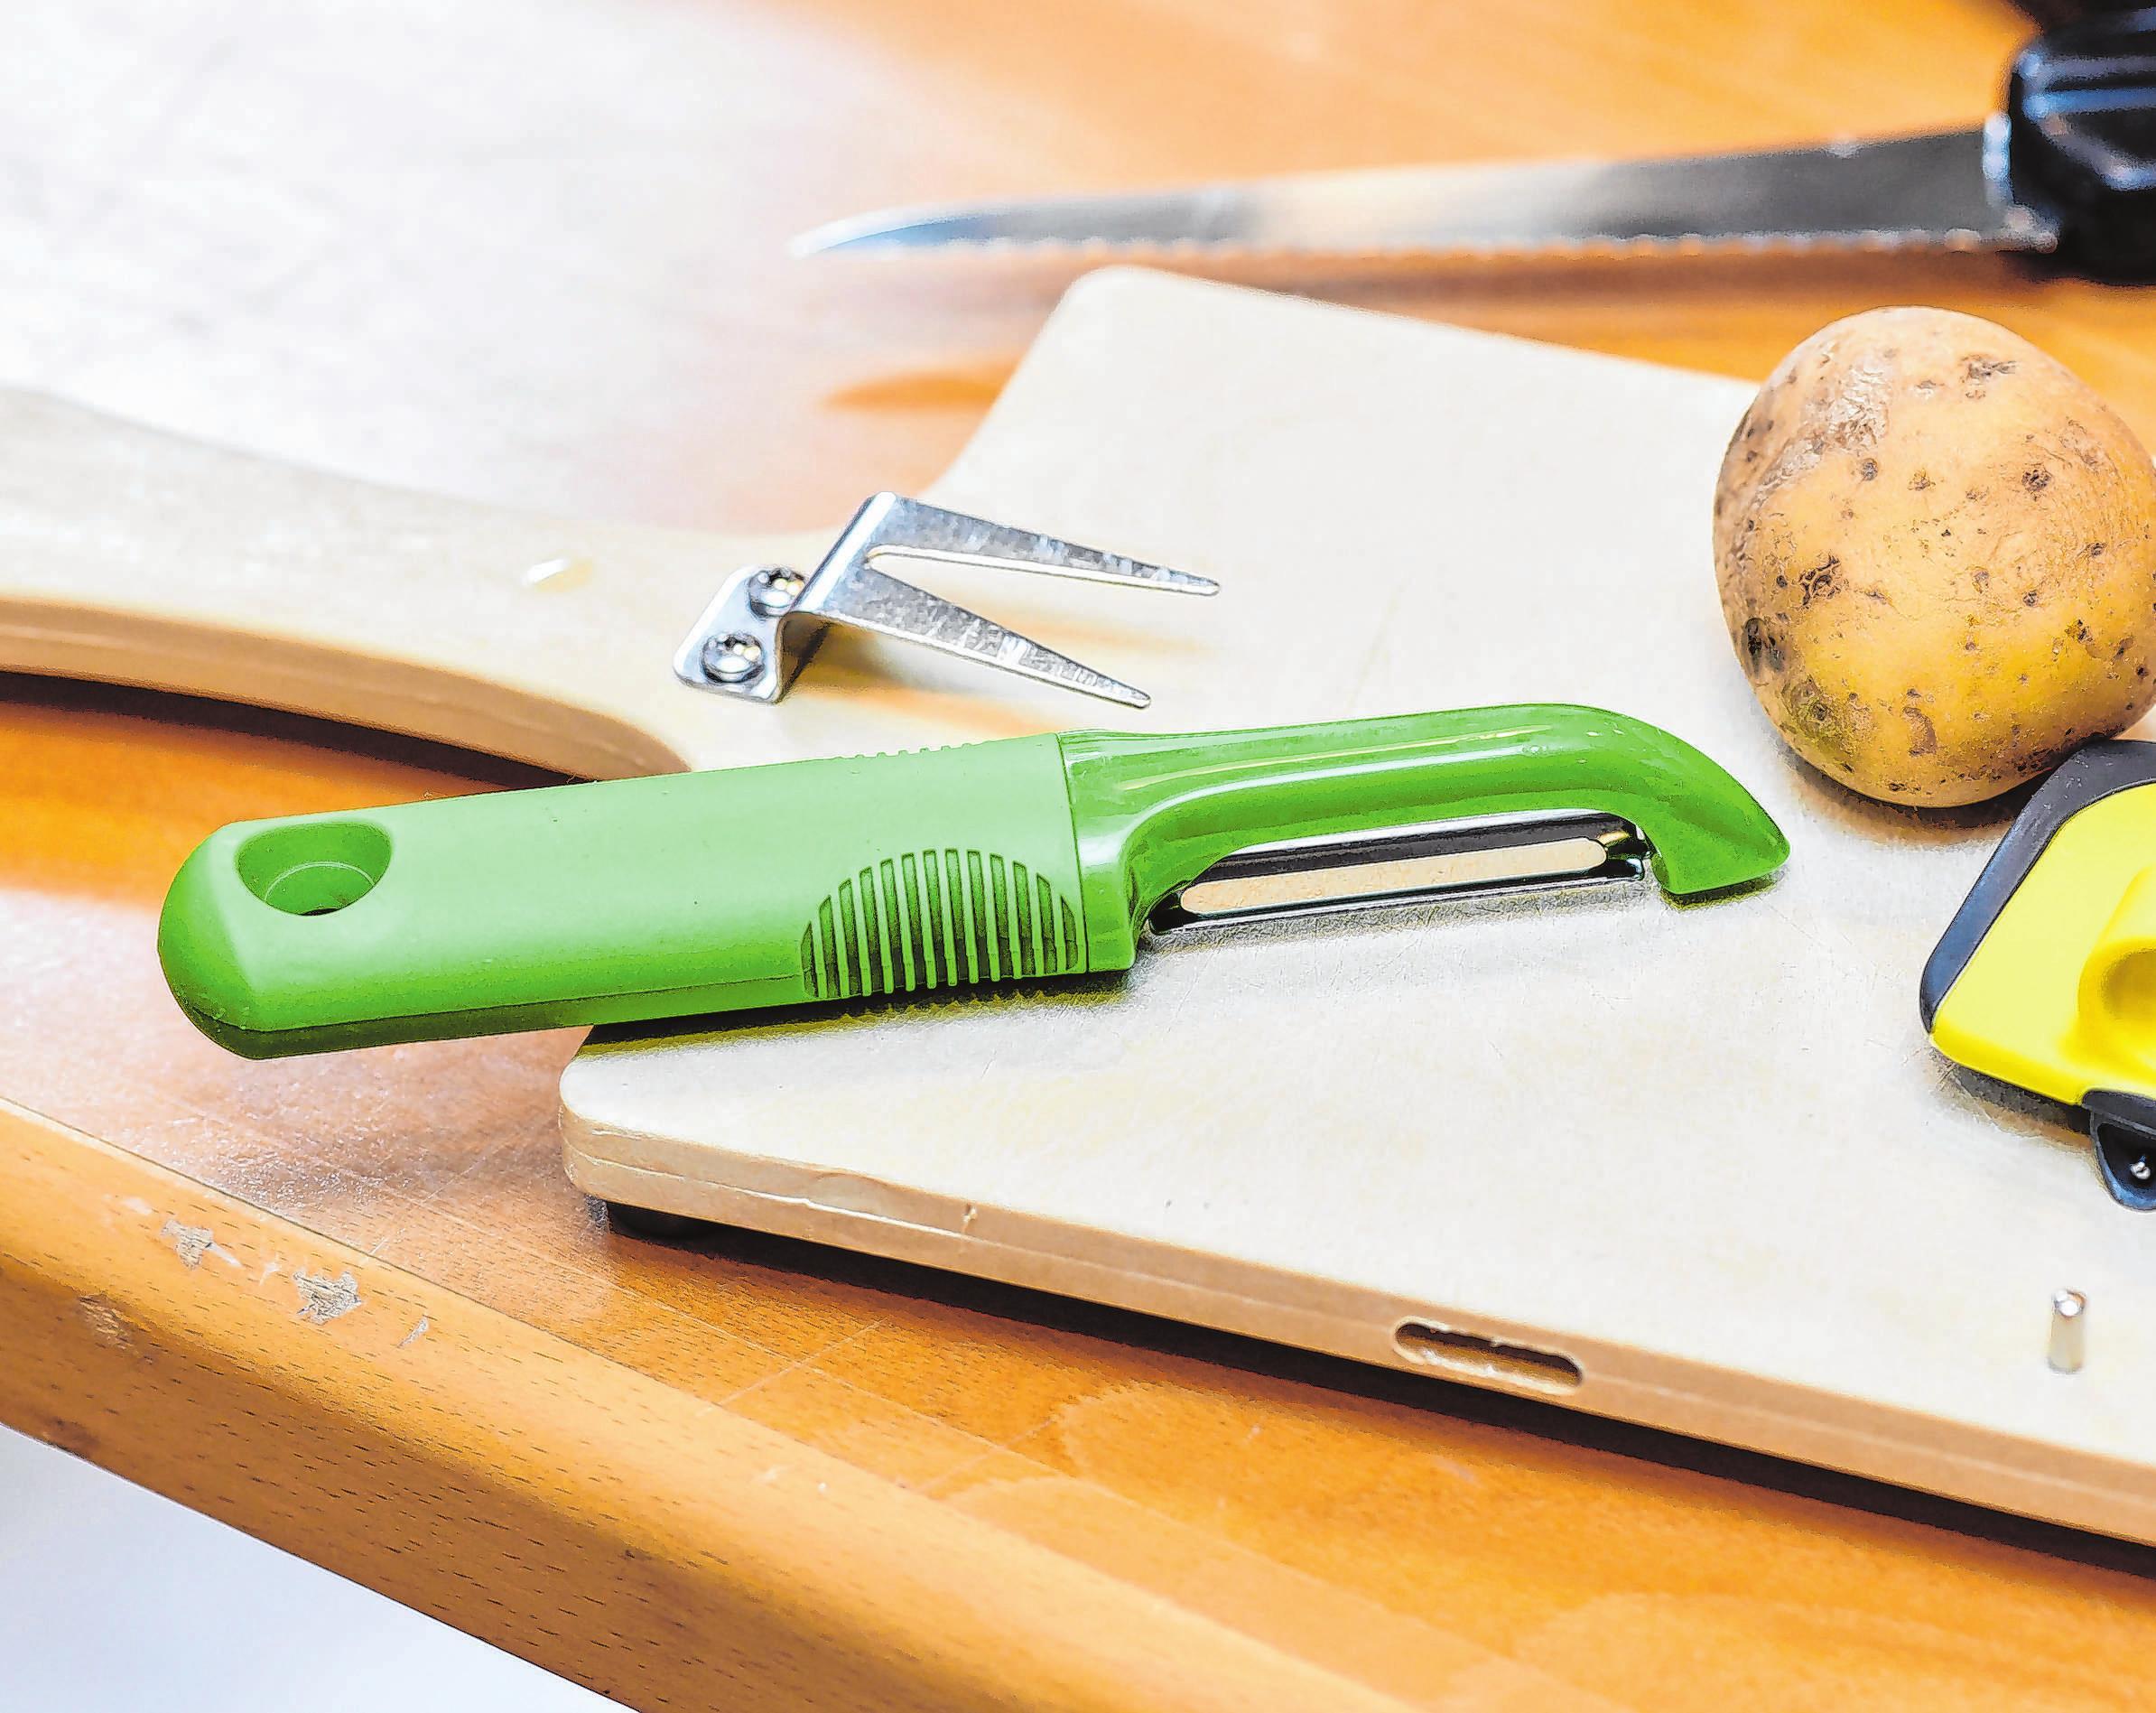 Damit das Pellen der Kartoffel unfallfrei gelingt, leisten Schälhilfen gute Dienste.